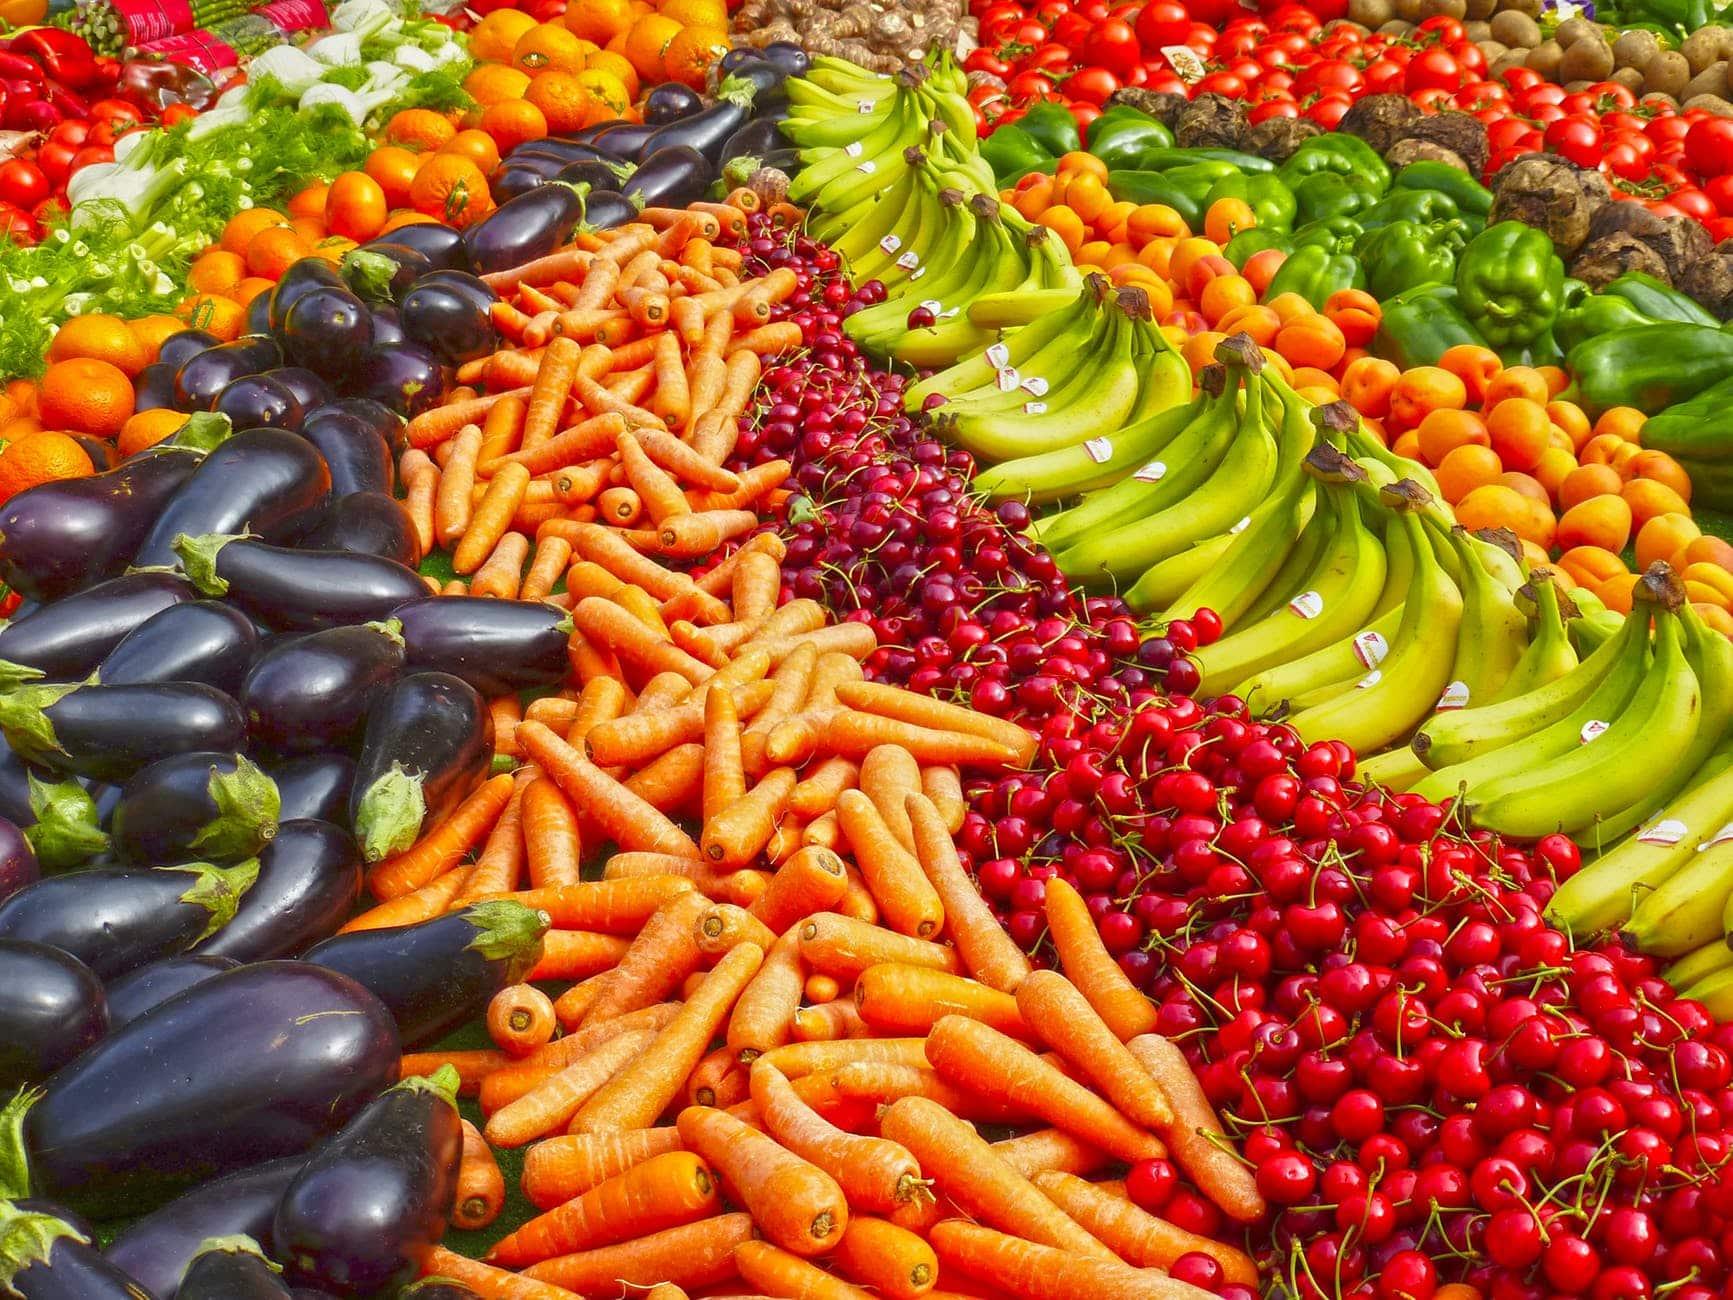 La variedad de frutas y verduras